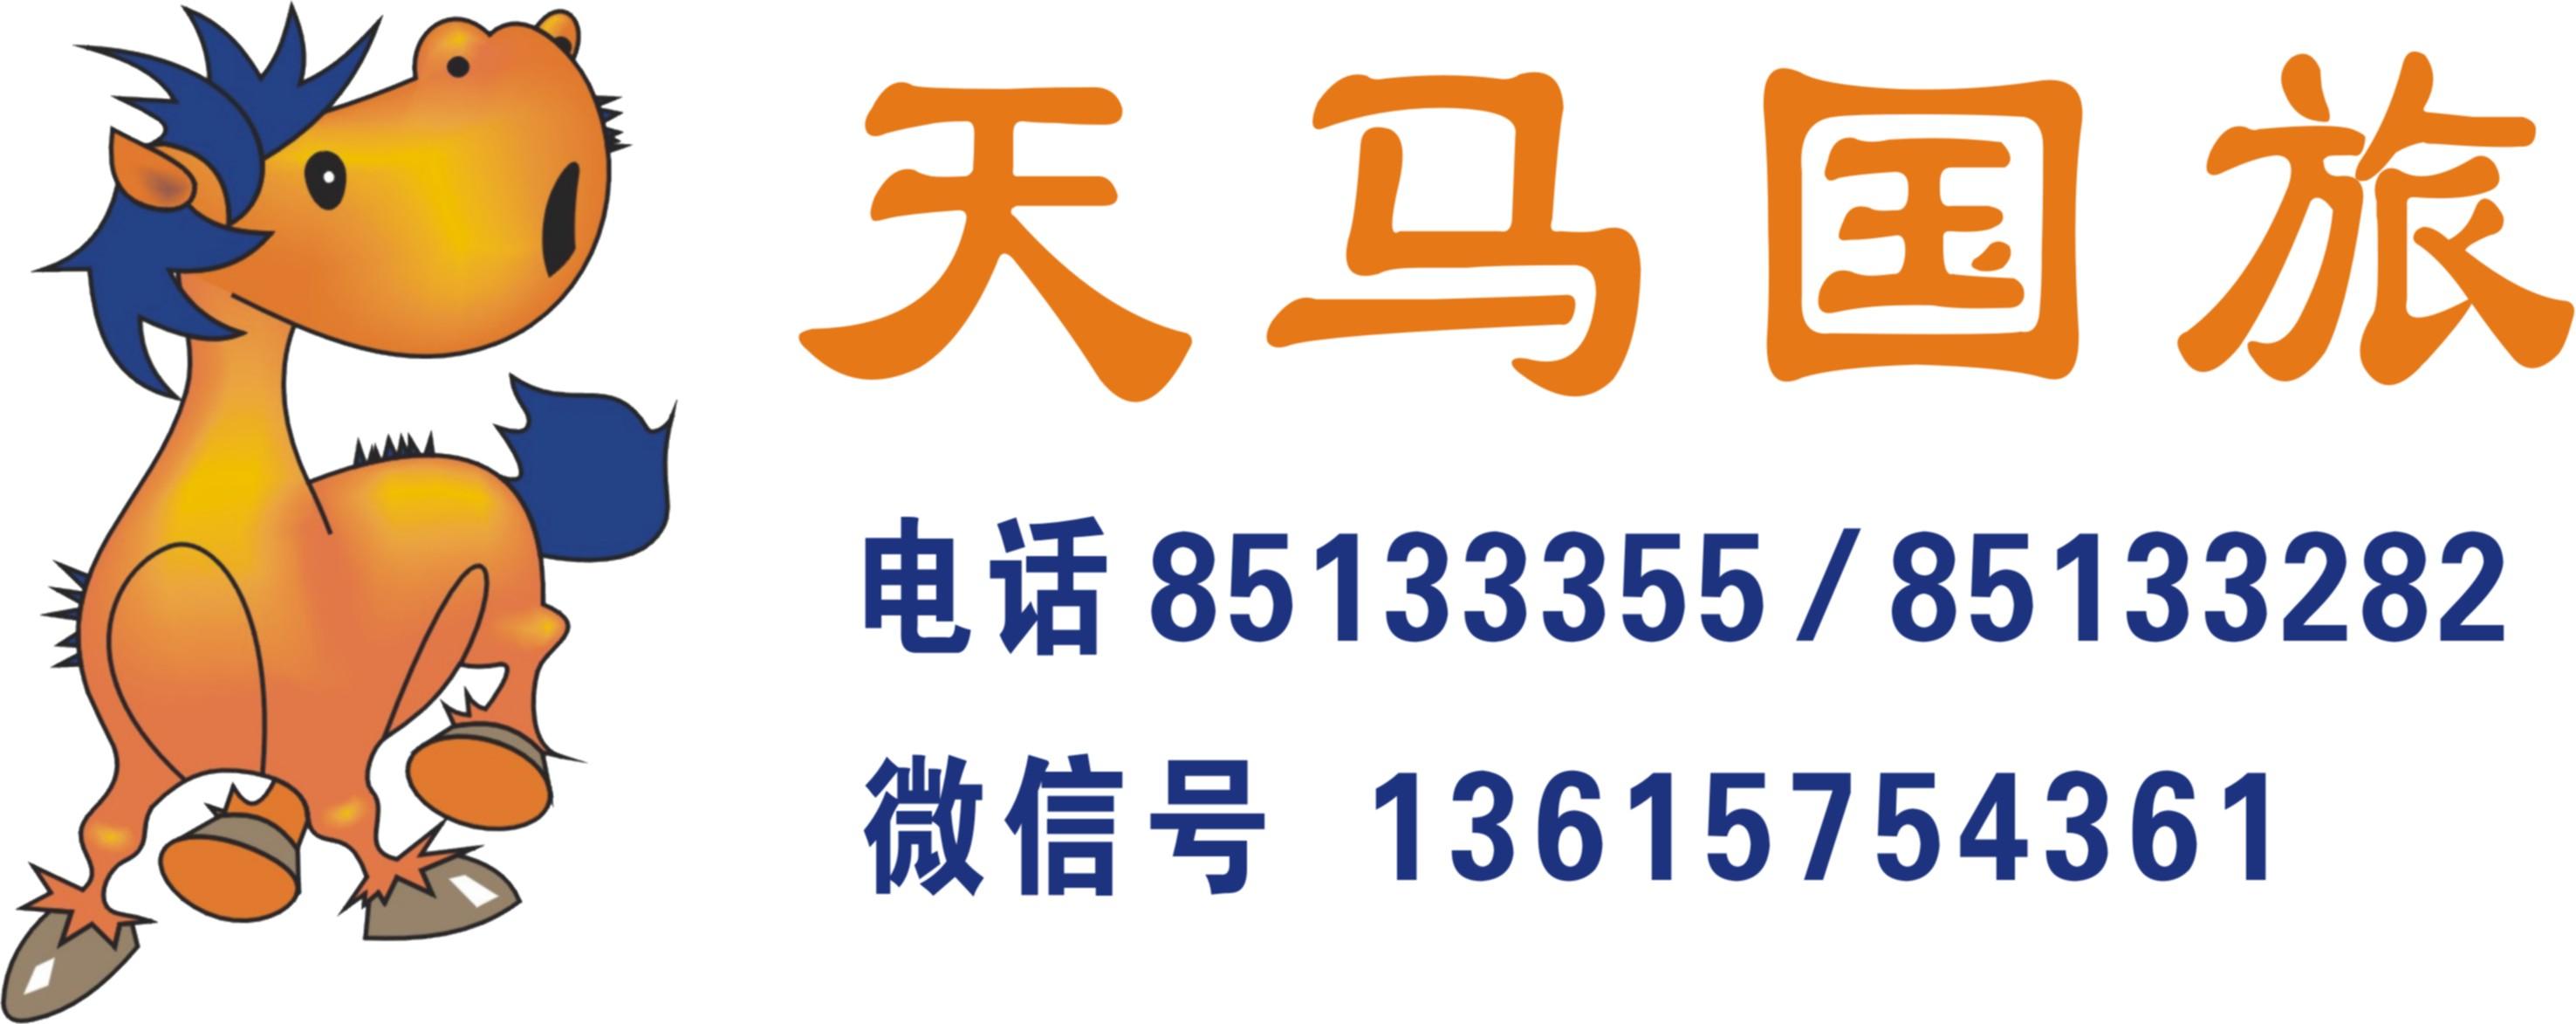 5.25【普陀山祈福朝圣二日游】含小门票香花券